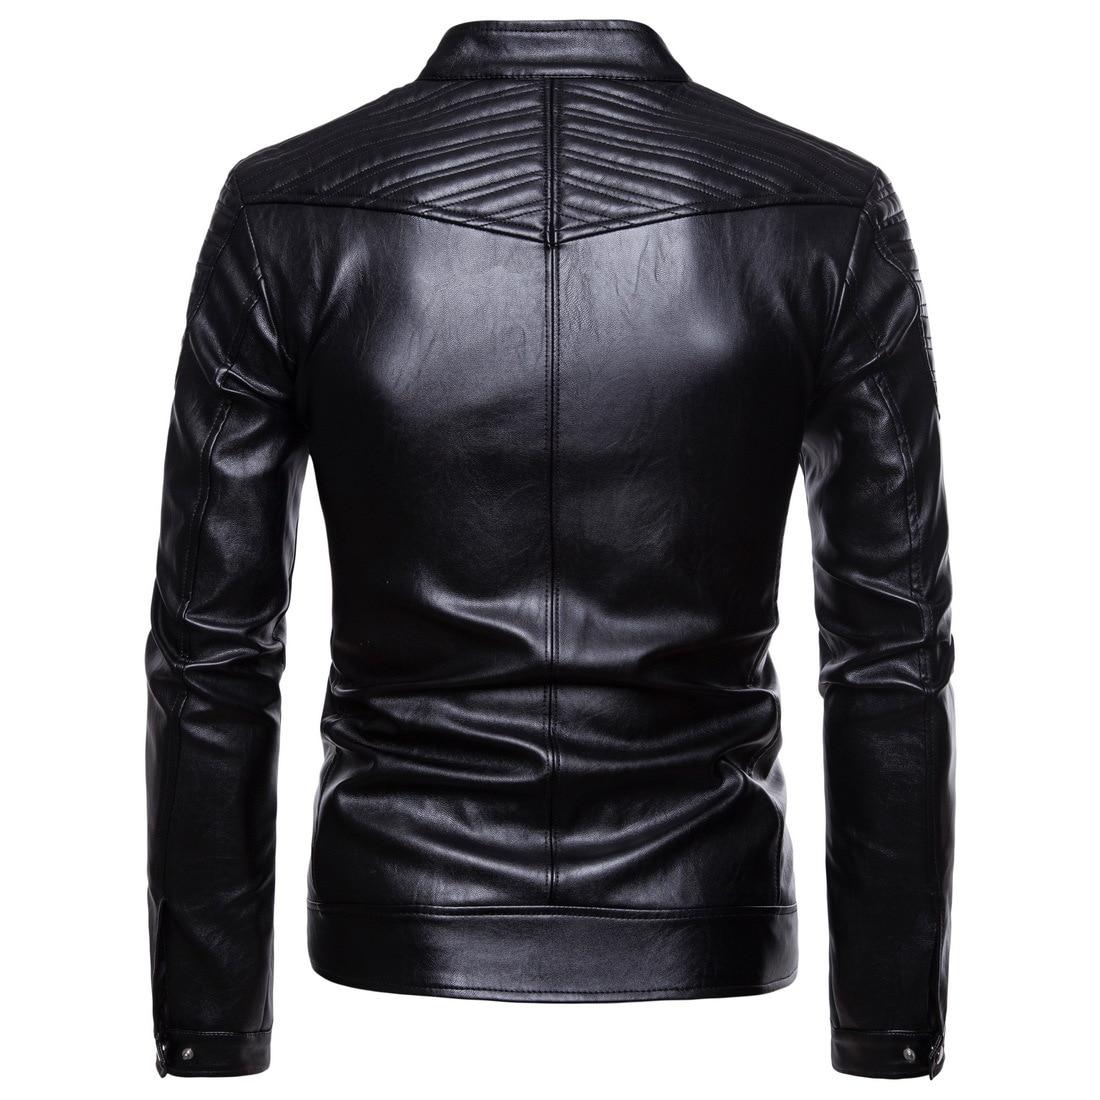 En Vêtements De 18new Grande Asian Black Veste Manteau Size Cuir Hommes Vestes Fourrure Pour Taille Moto Casual w5RqFXqx